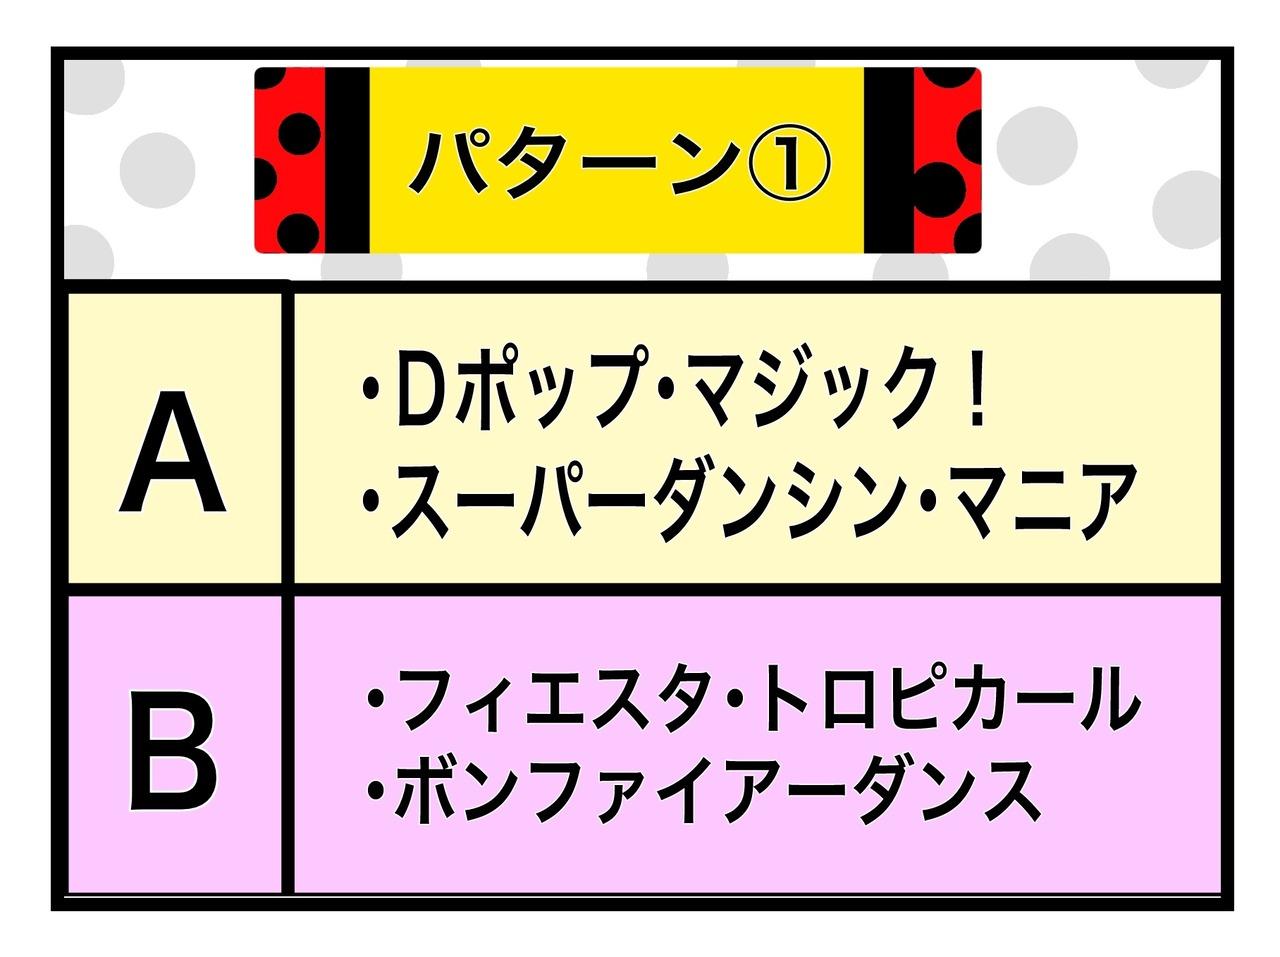 606E8A91-9E44-49C9-A502-1D069213F199